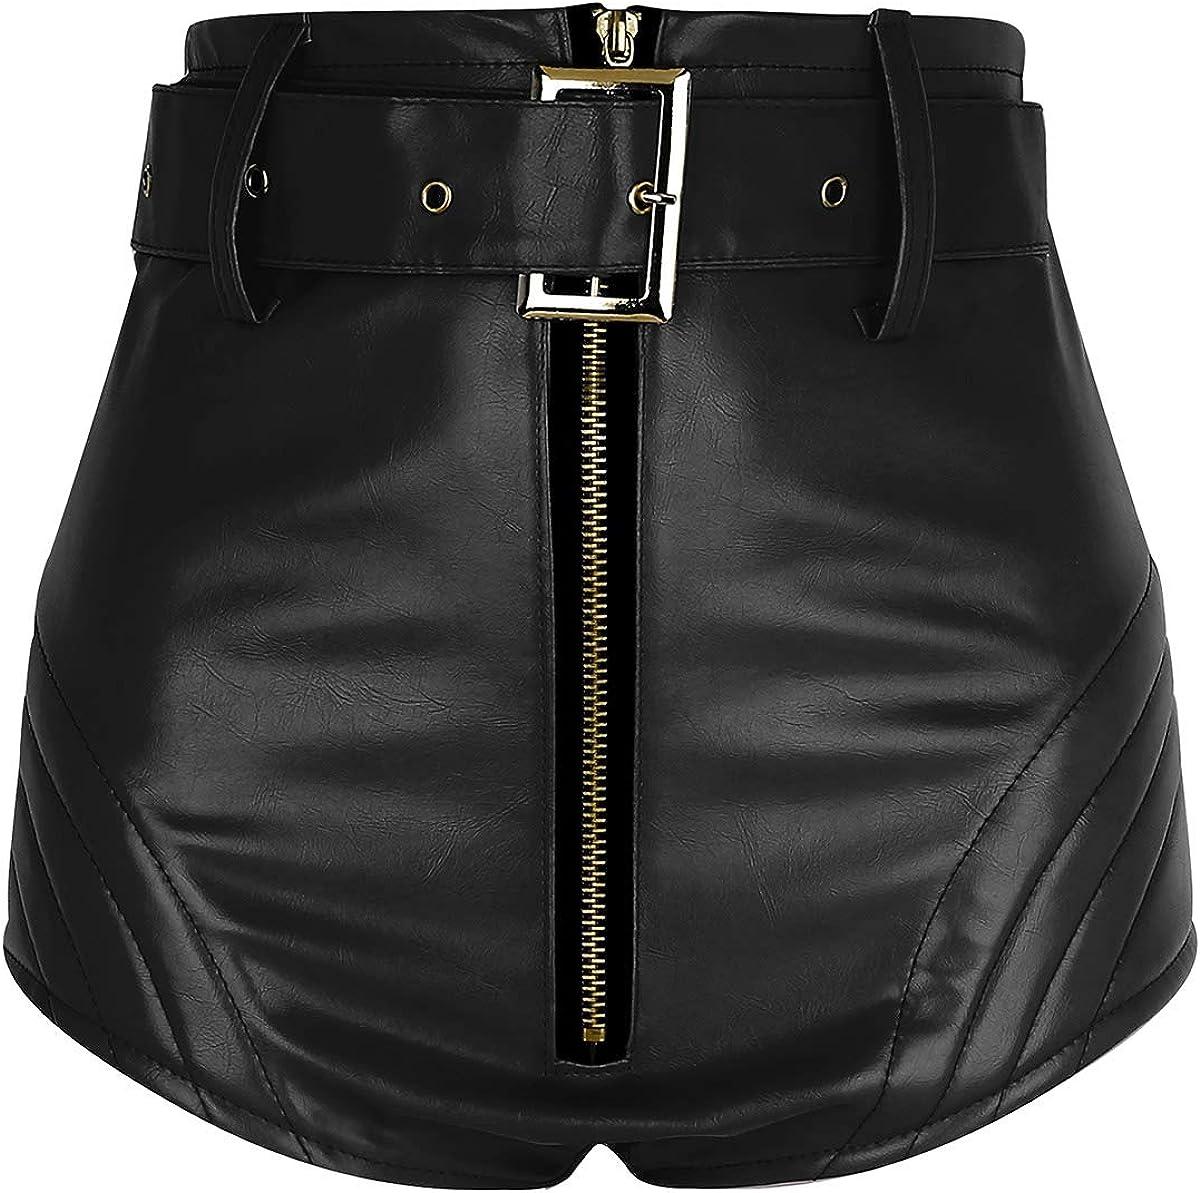 MSemis Pantalones Cortos Sexy Push Up para Mujer Pantalones de Cuero Corte Alto Mini Pantalon Cintura Alta Hot Shorts Dance Traje Pole Cinturón Extraíble